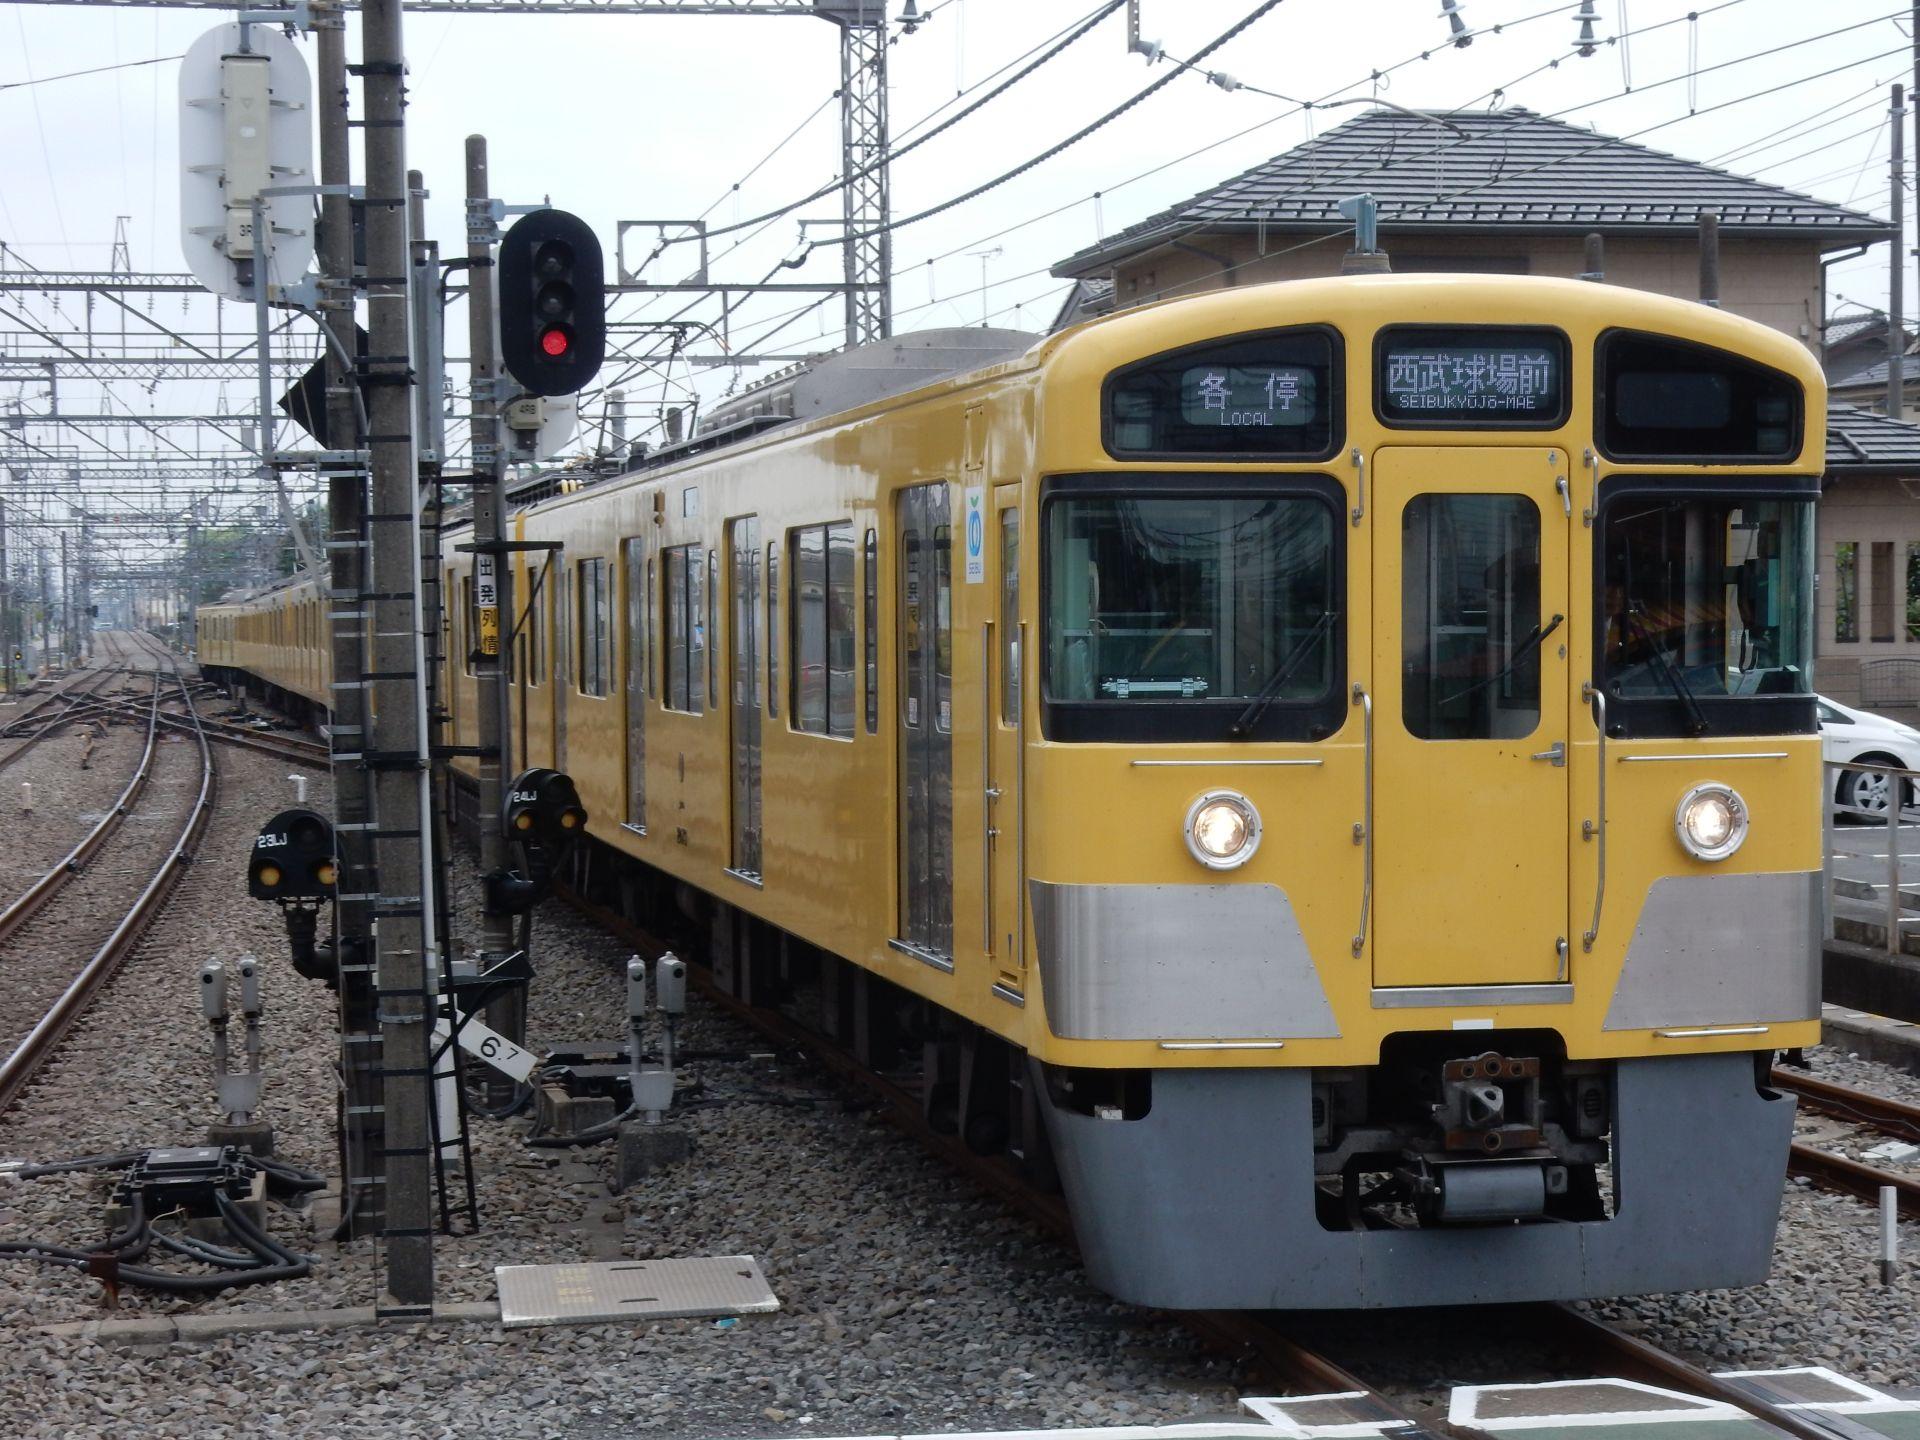 DSCN8026 - コピー